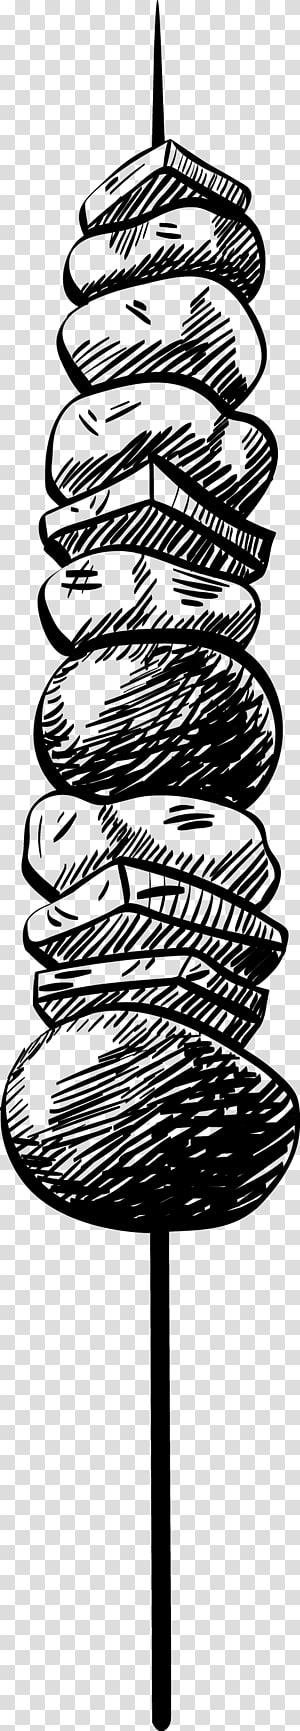 ilustração de churrasco, churrasco salsicha churrasco Barbacoa, esboço de churrasco png